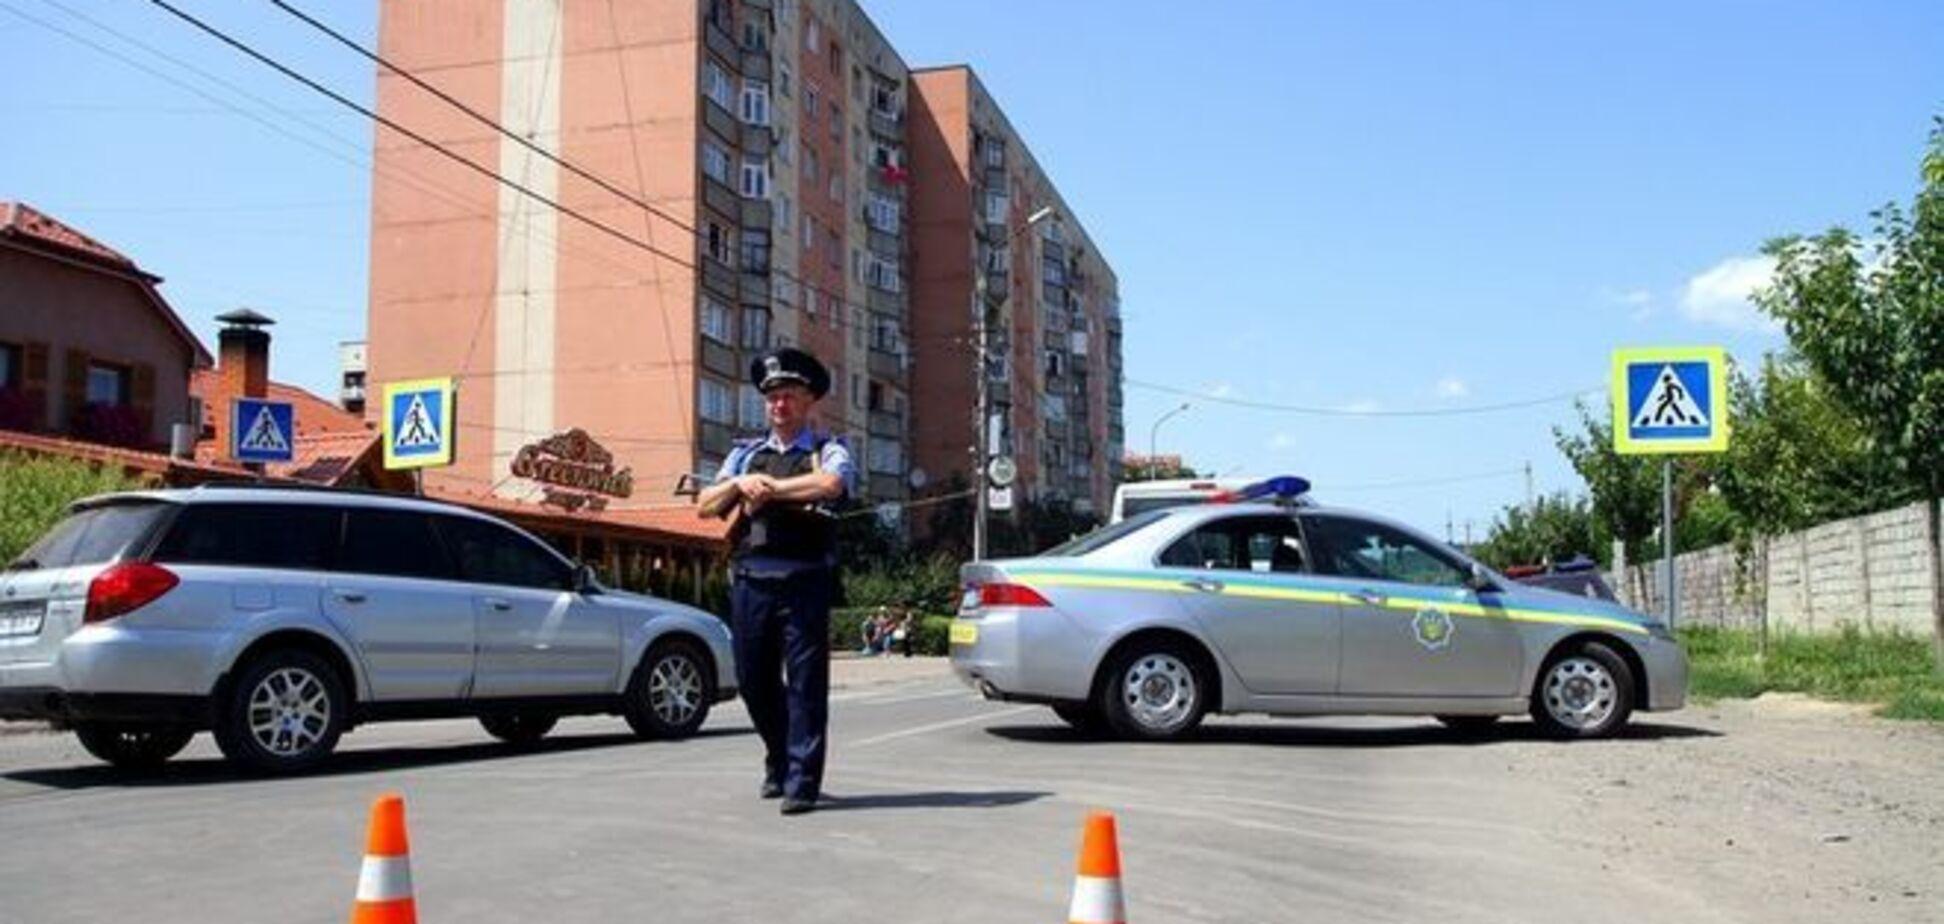 Під Мукачево заблоковано до семи бійців 'Правого сектора' - нардеп